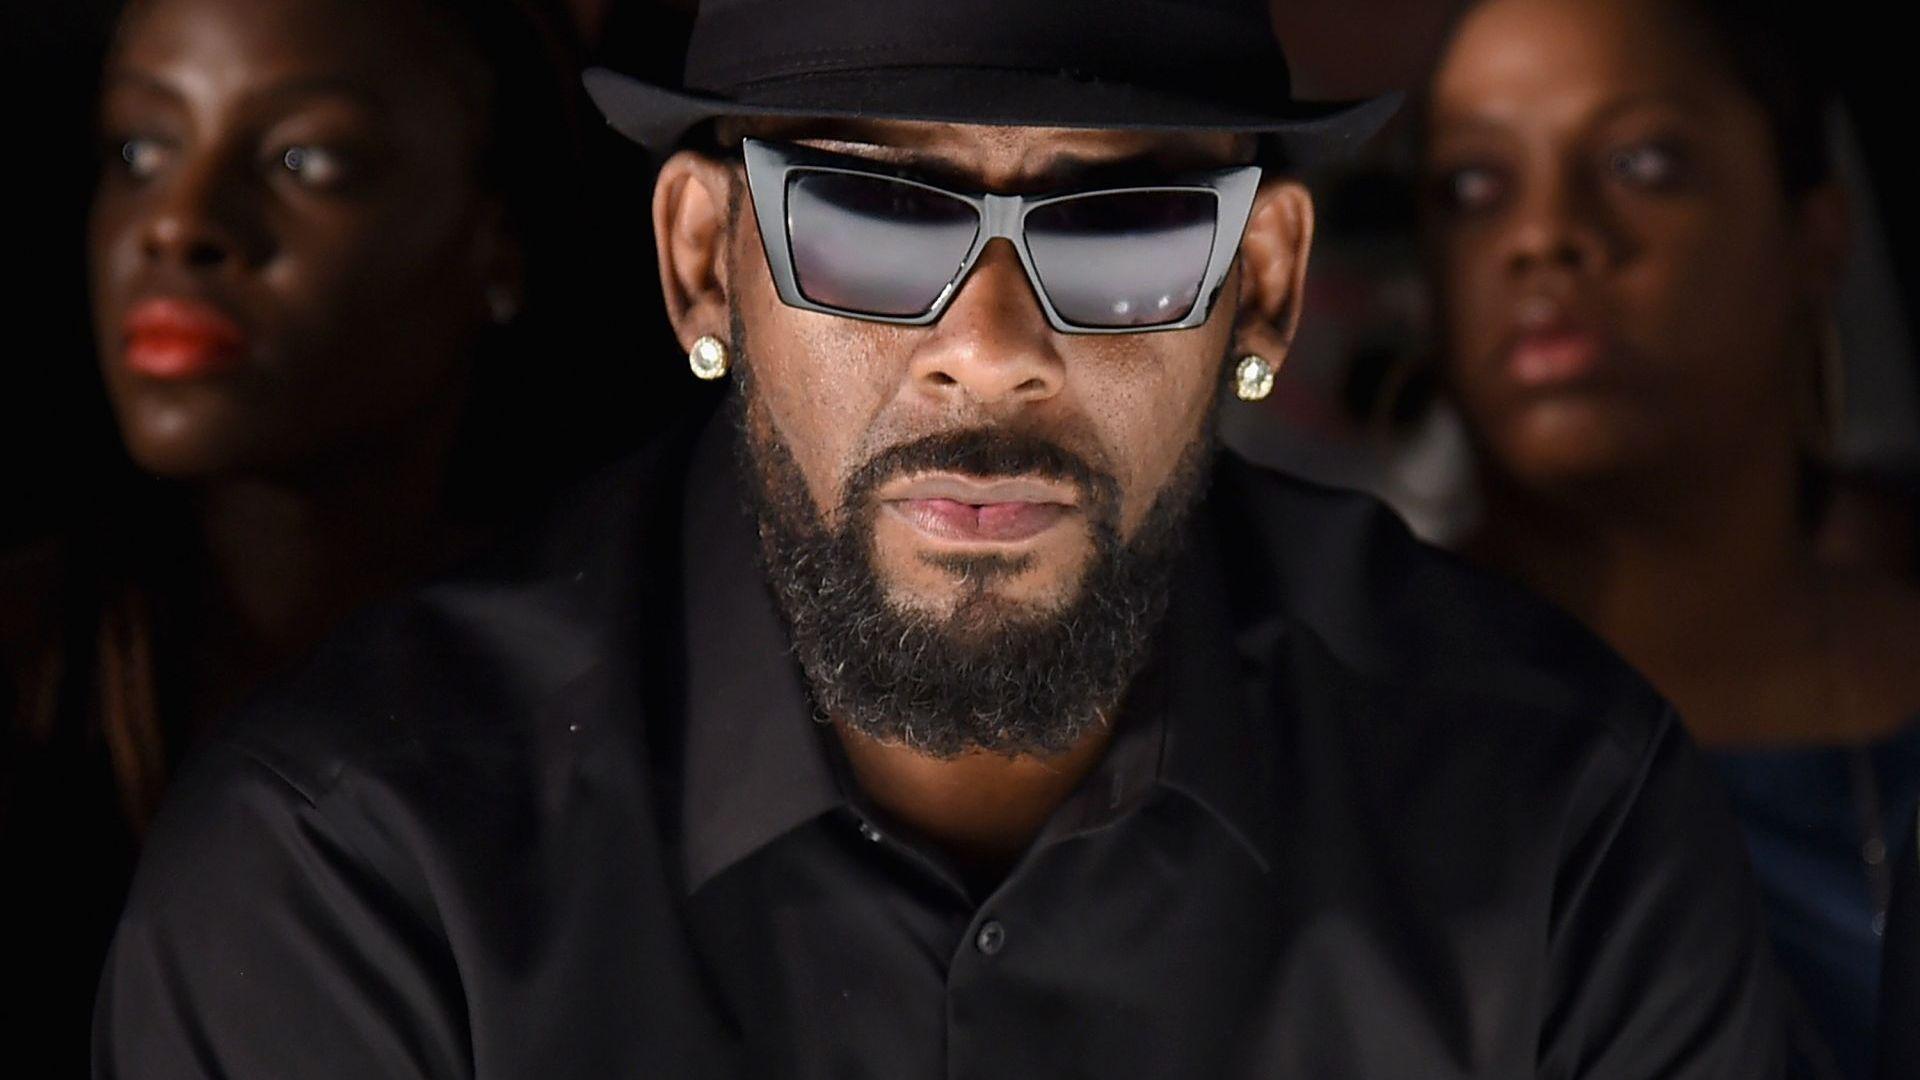 Апелативен съд остави зад решетките певеца R. Kelly